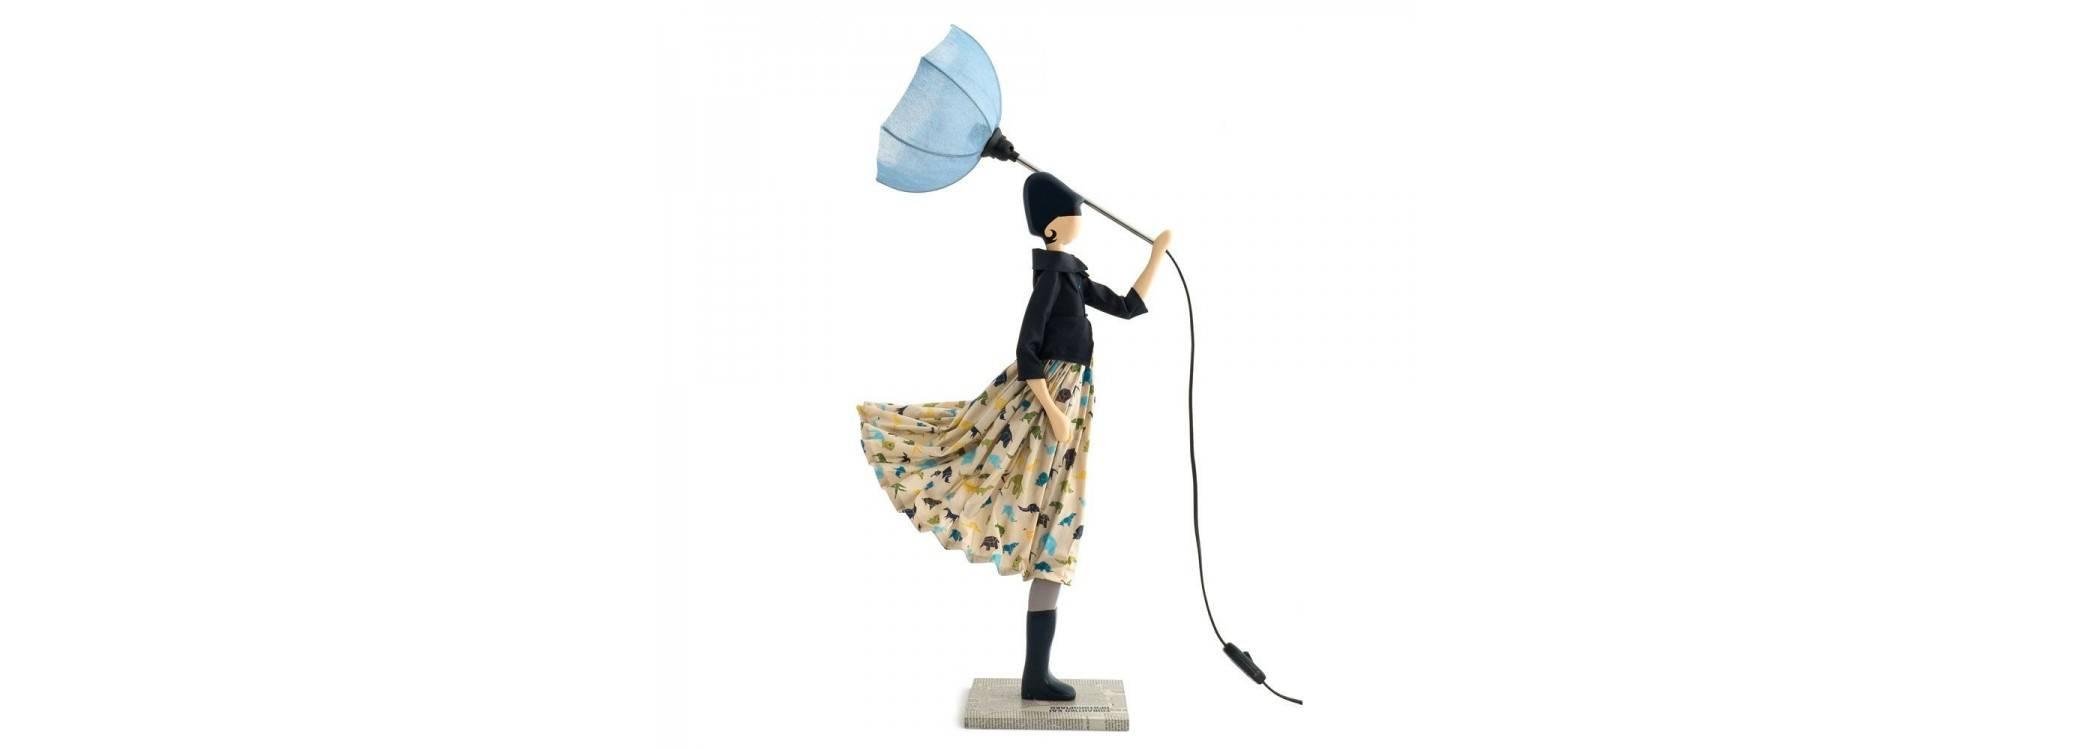 Lampe femme au parapluie - Zaoli